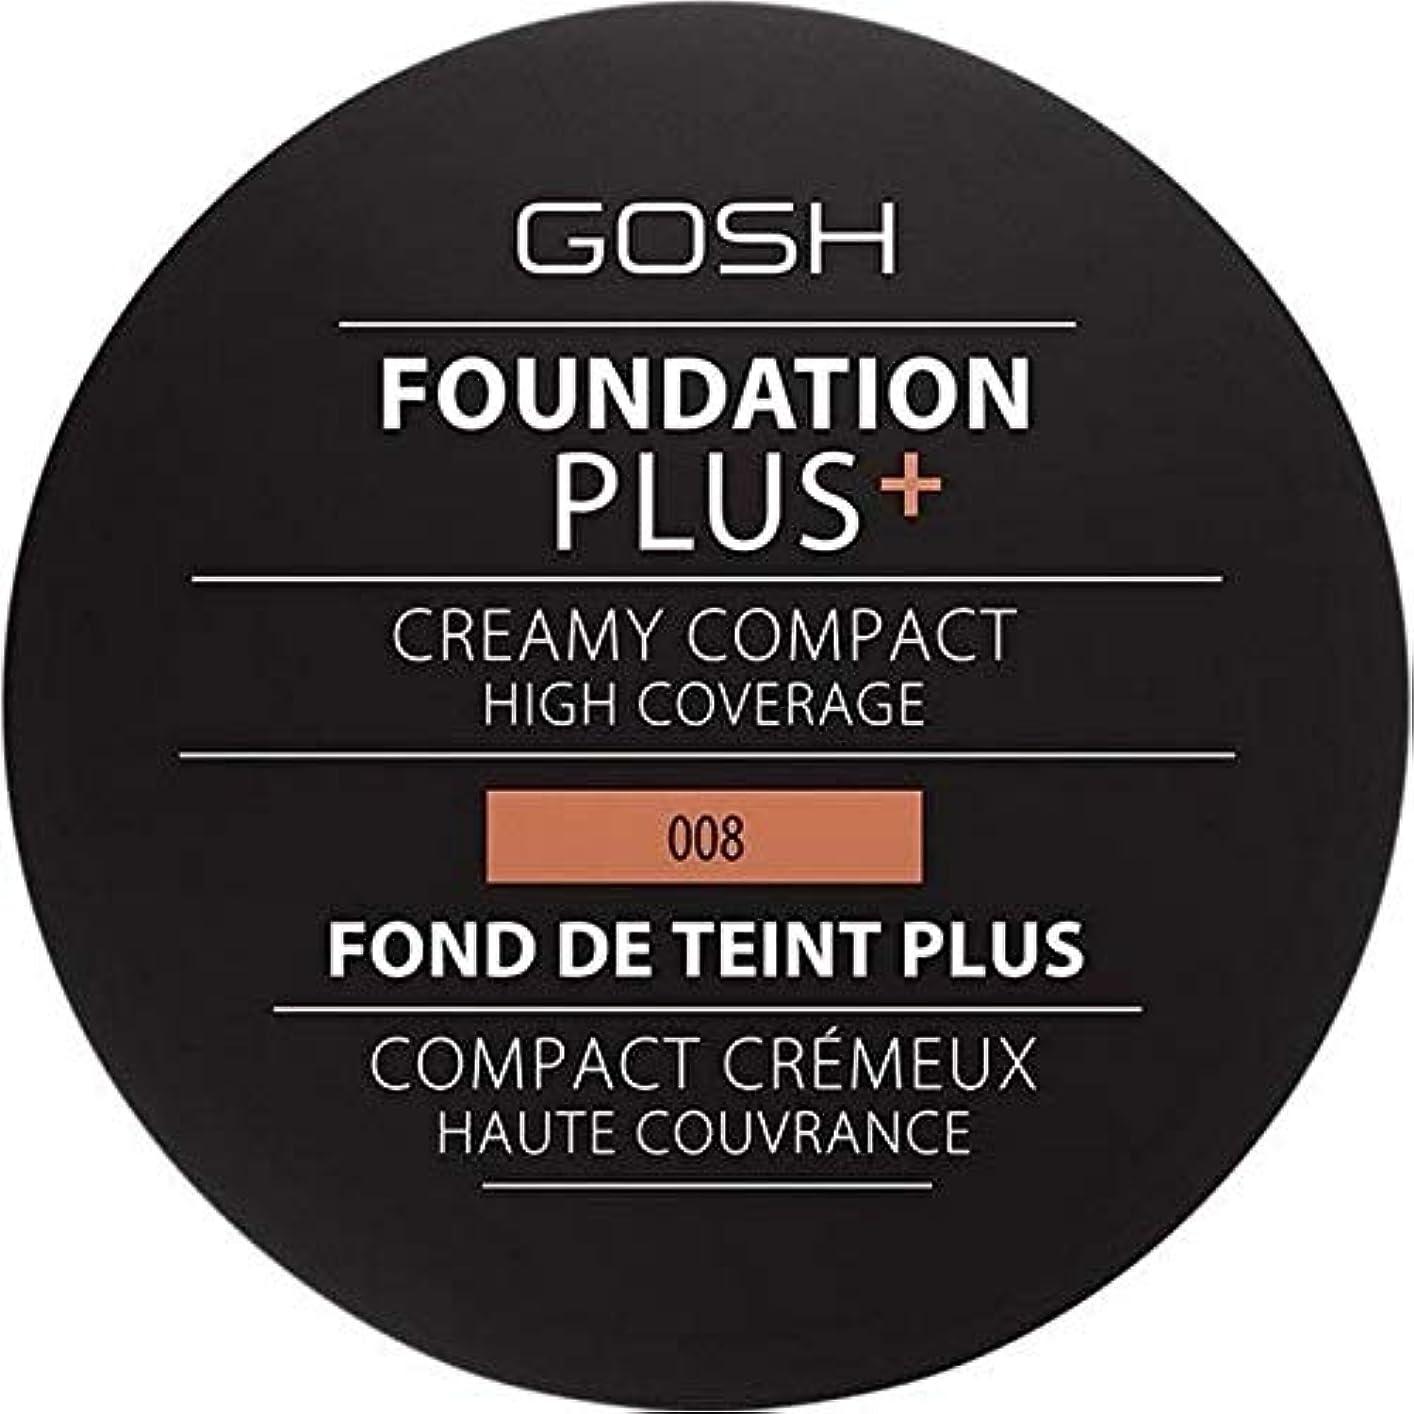 のり蒸発雇う[GOSH ] おやっ基盤プラス008 +クリーミーコンパクト黄金 - Gosh Foundation Plus+ Creamy Compact Golden 008 [並行輸入品]